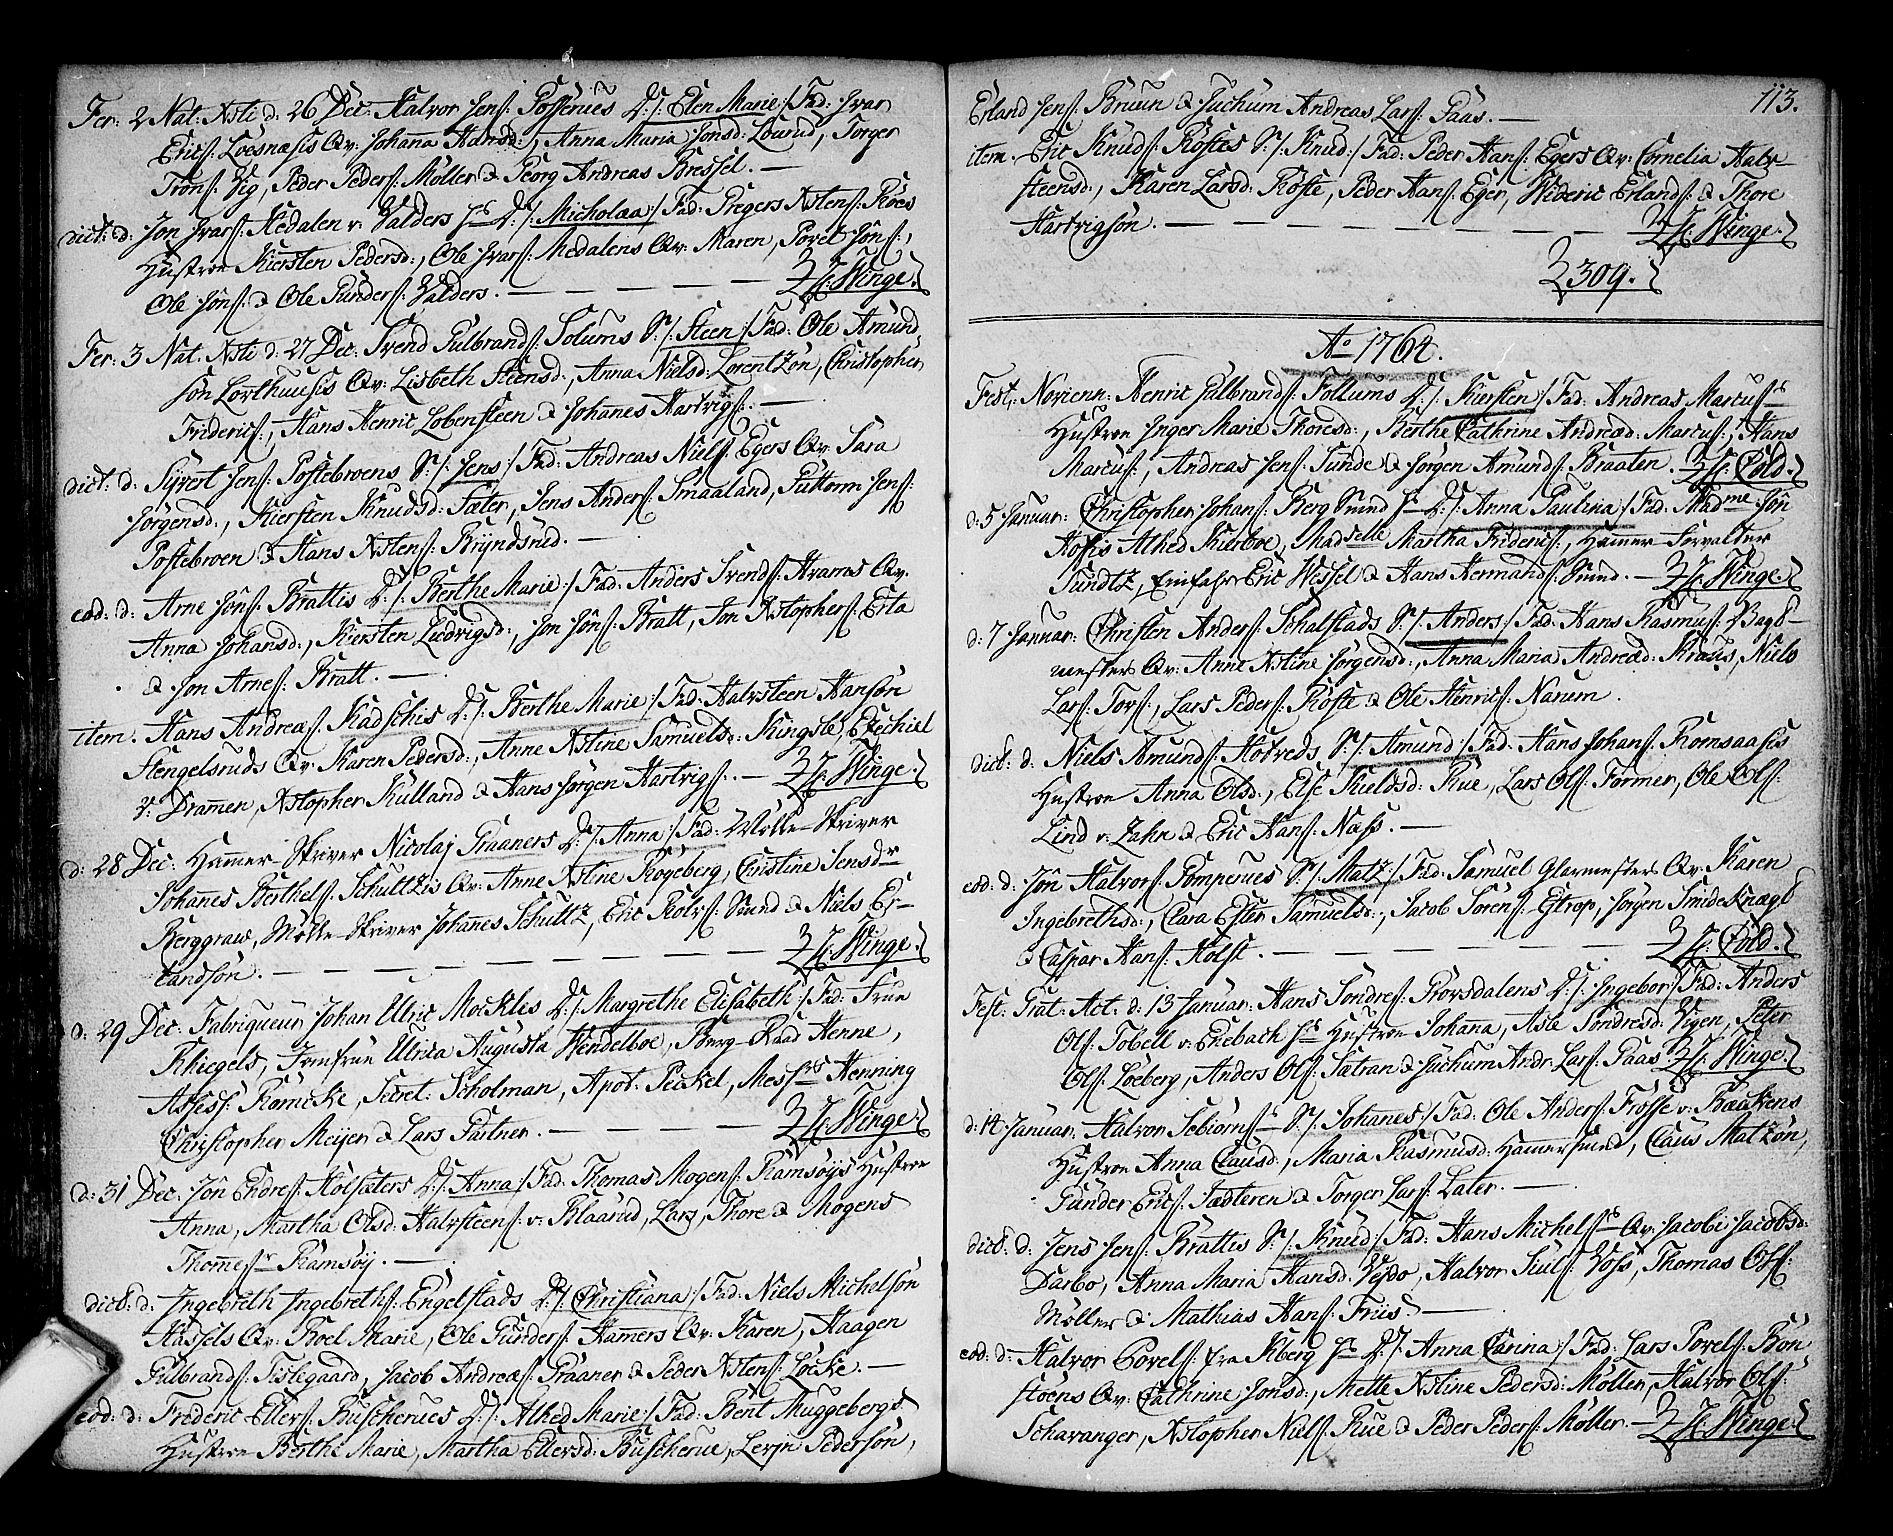 SAKO, Kongsberg kirkebøker, F/Fa/L0004: Ministerialbok nr. I 4, 1756-1768, s. 113